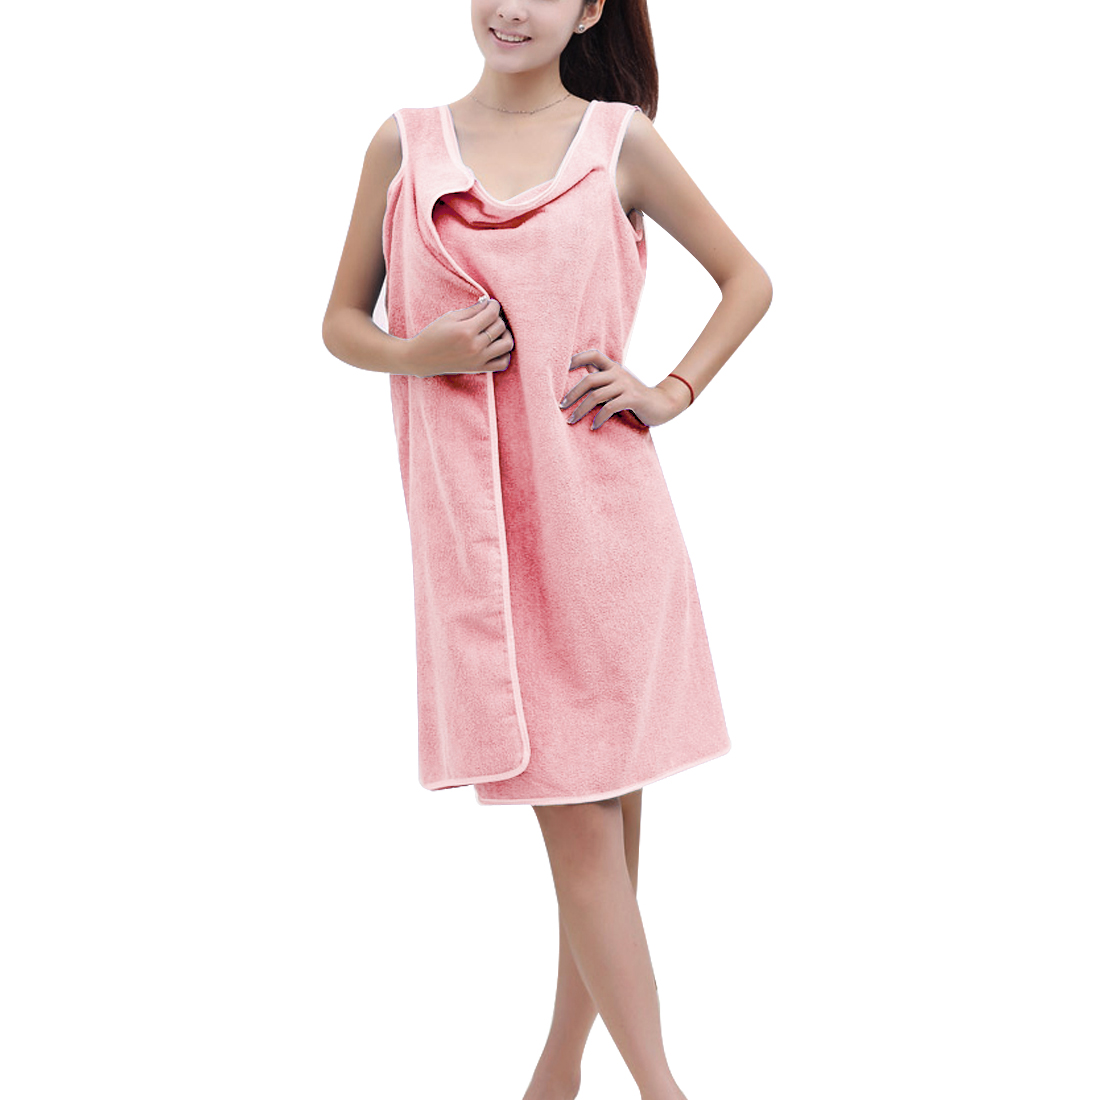 Lady Absorbent Towel Bathrobe Bath Spa Body Wrap Dressing Gown Pink